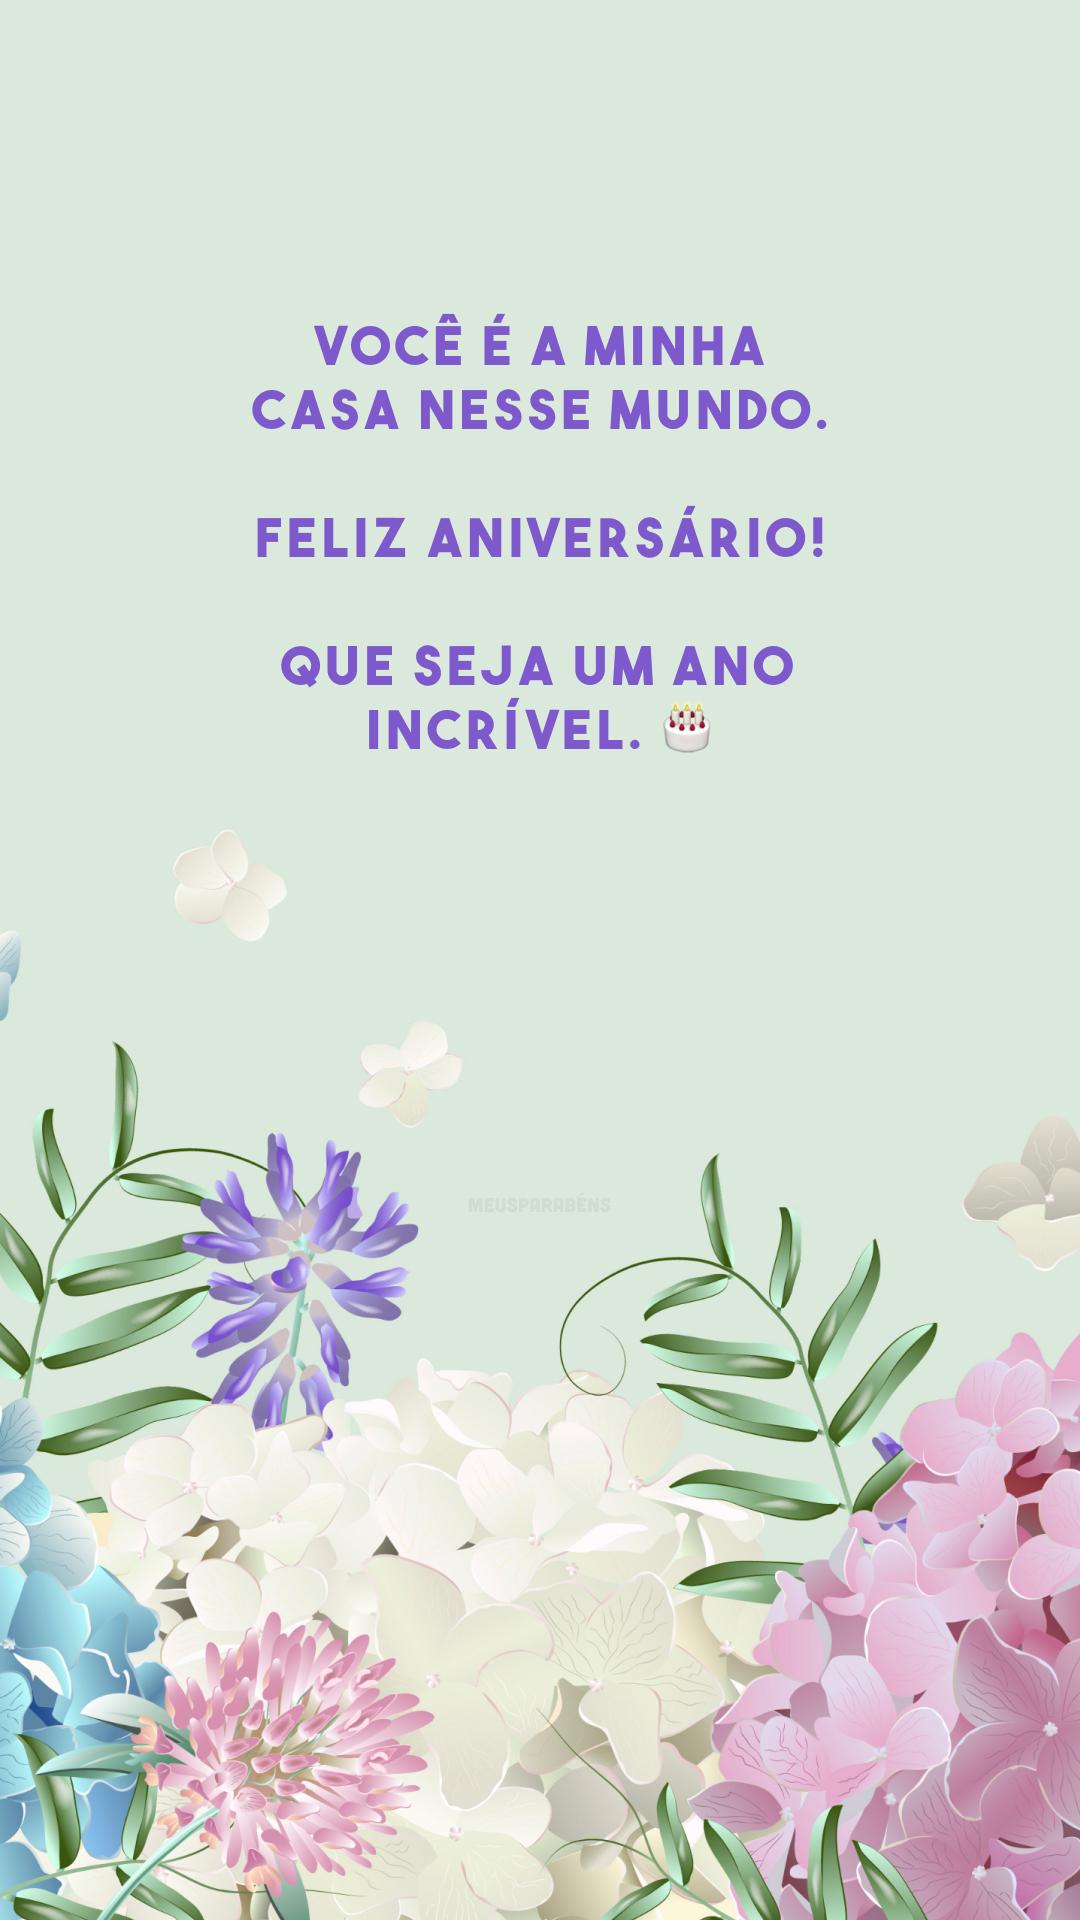 Você é a minha casa nesse mundo. Feliz aniversário! Que seja um ano incrível. 🎂